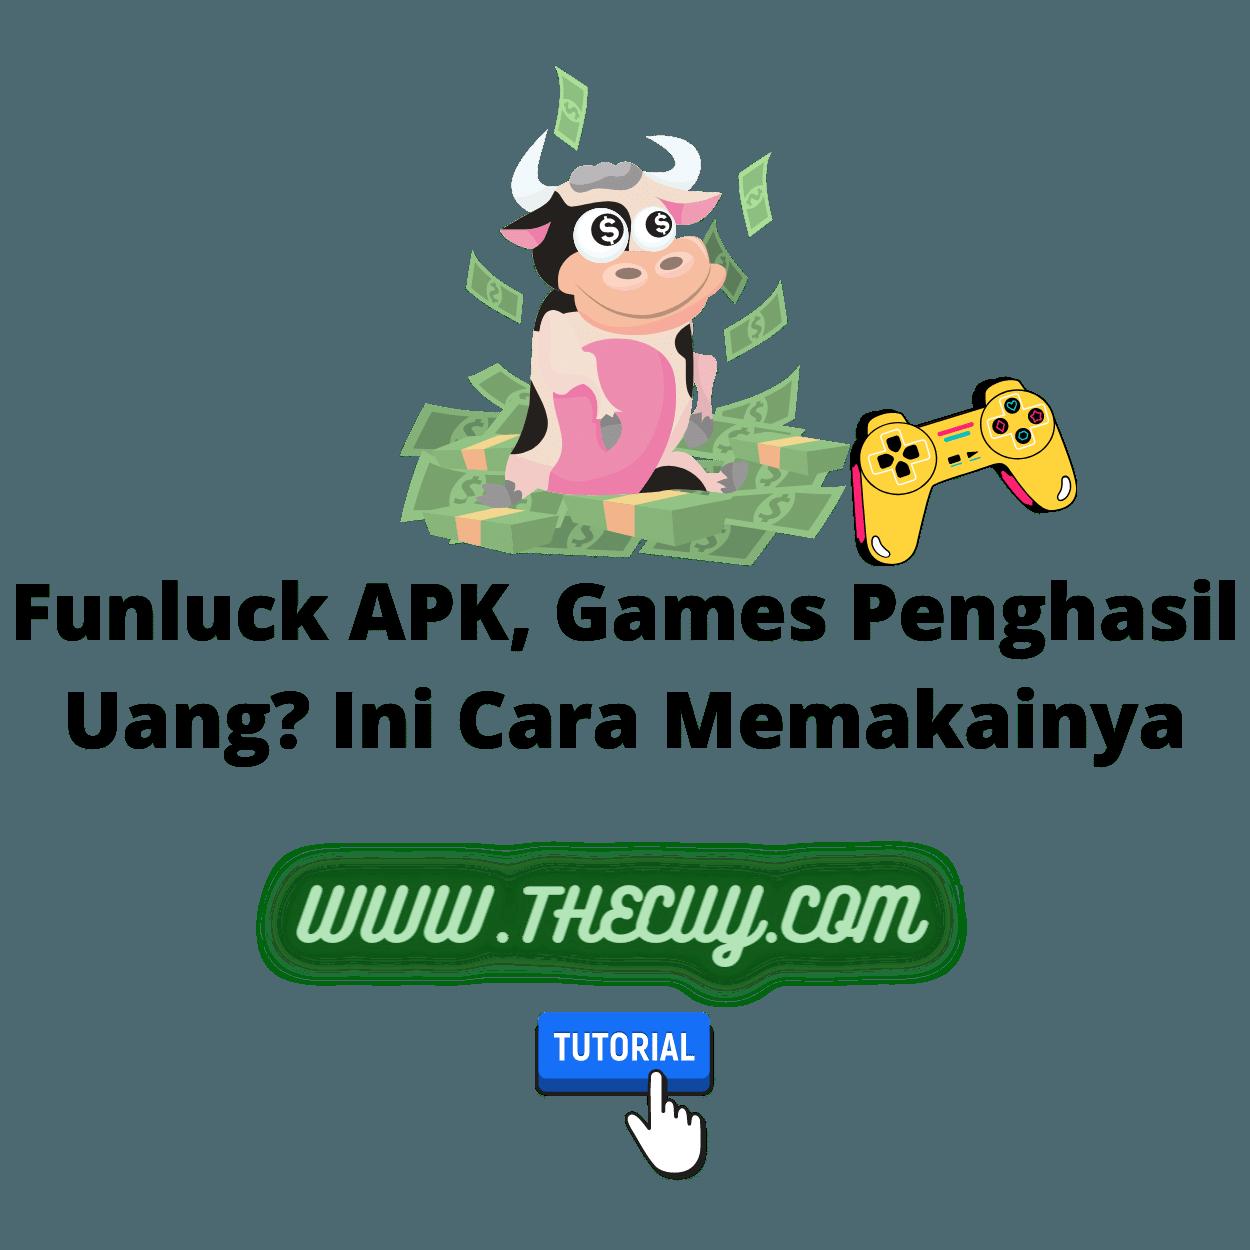 Funluck APK, Games Penghasil Uang? Ini Cara Memakainya